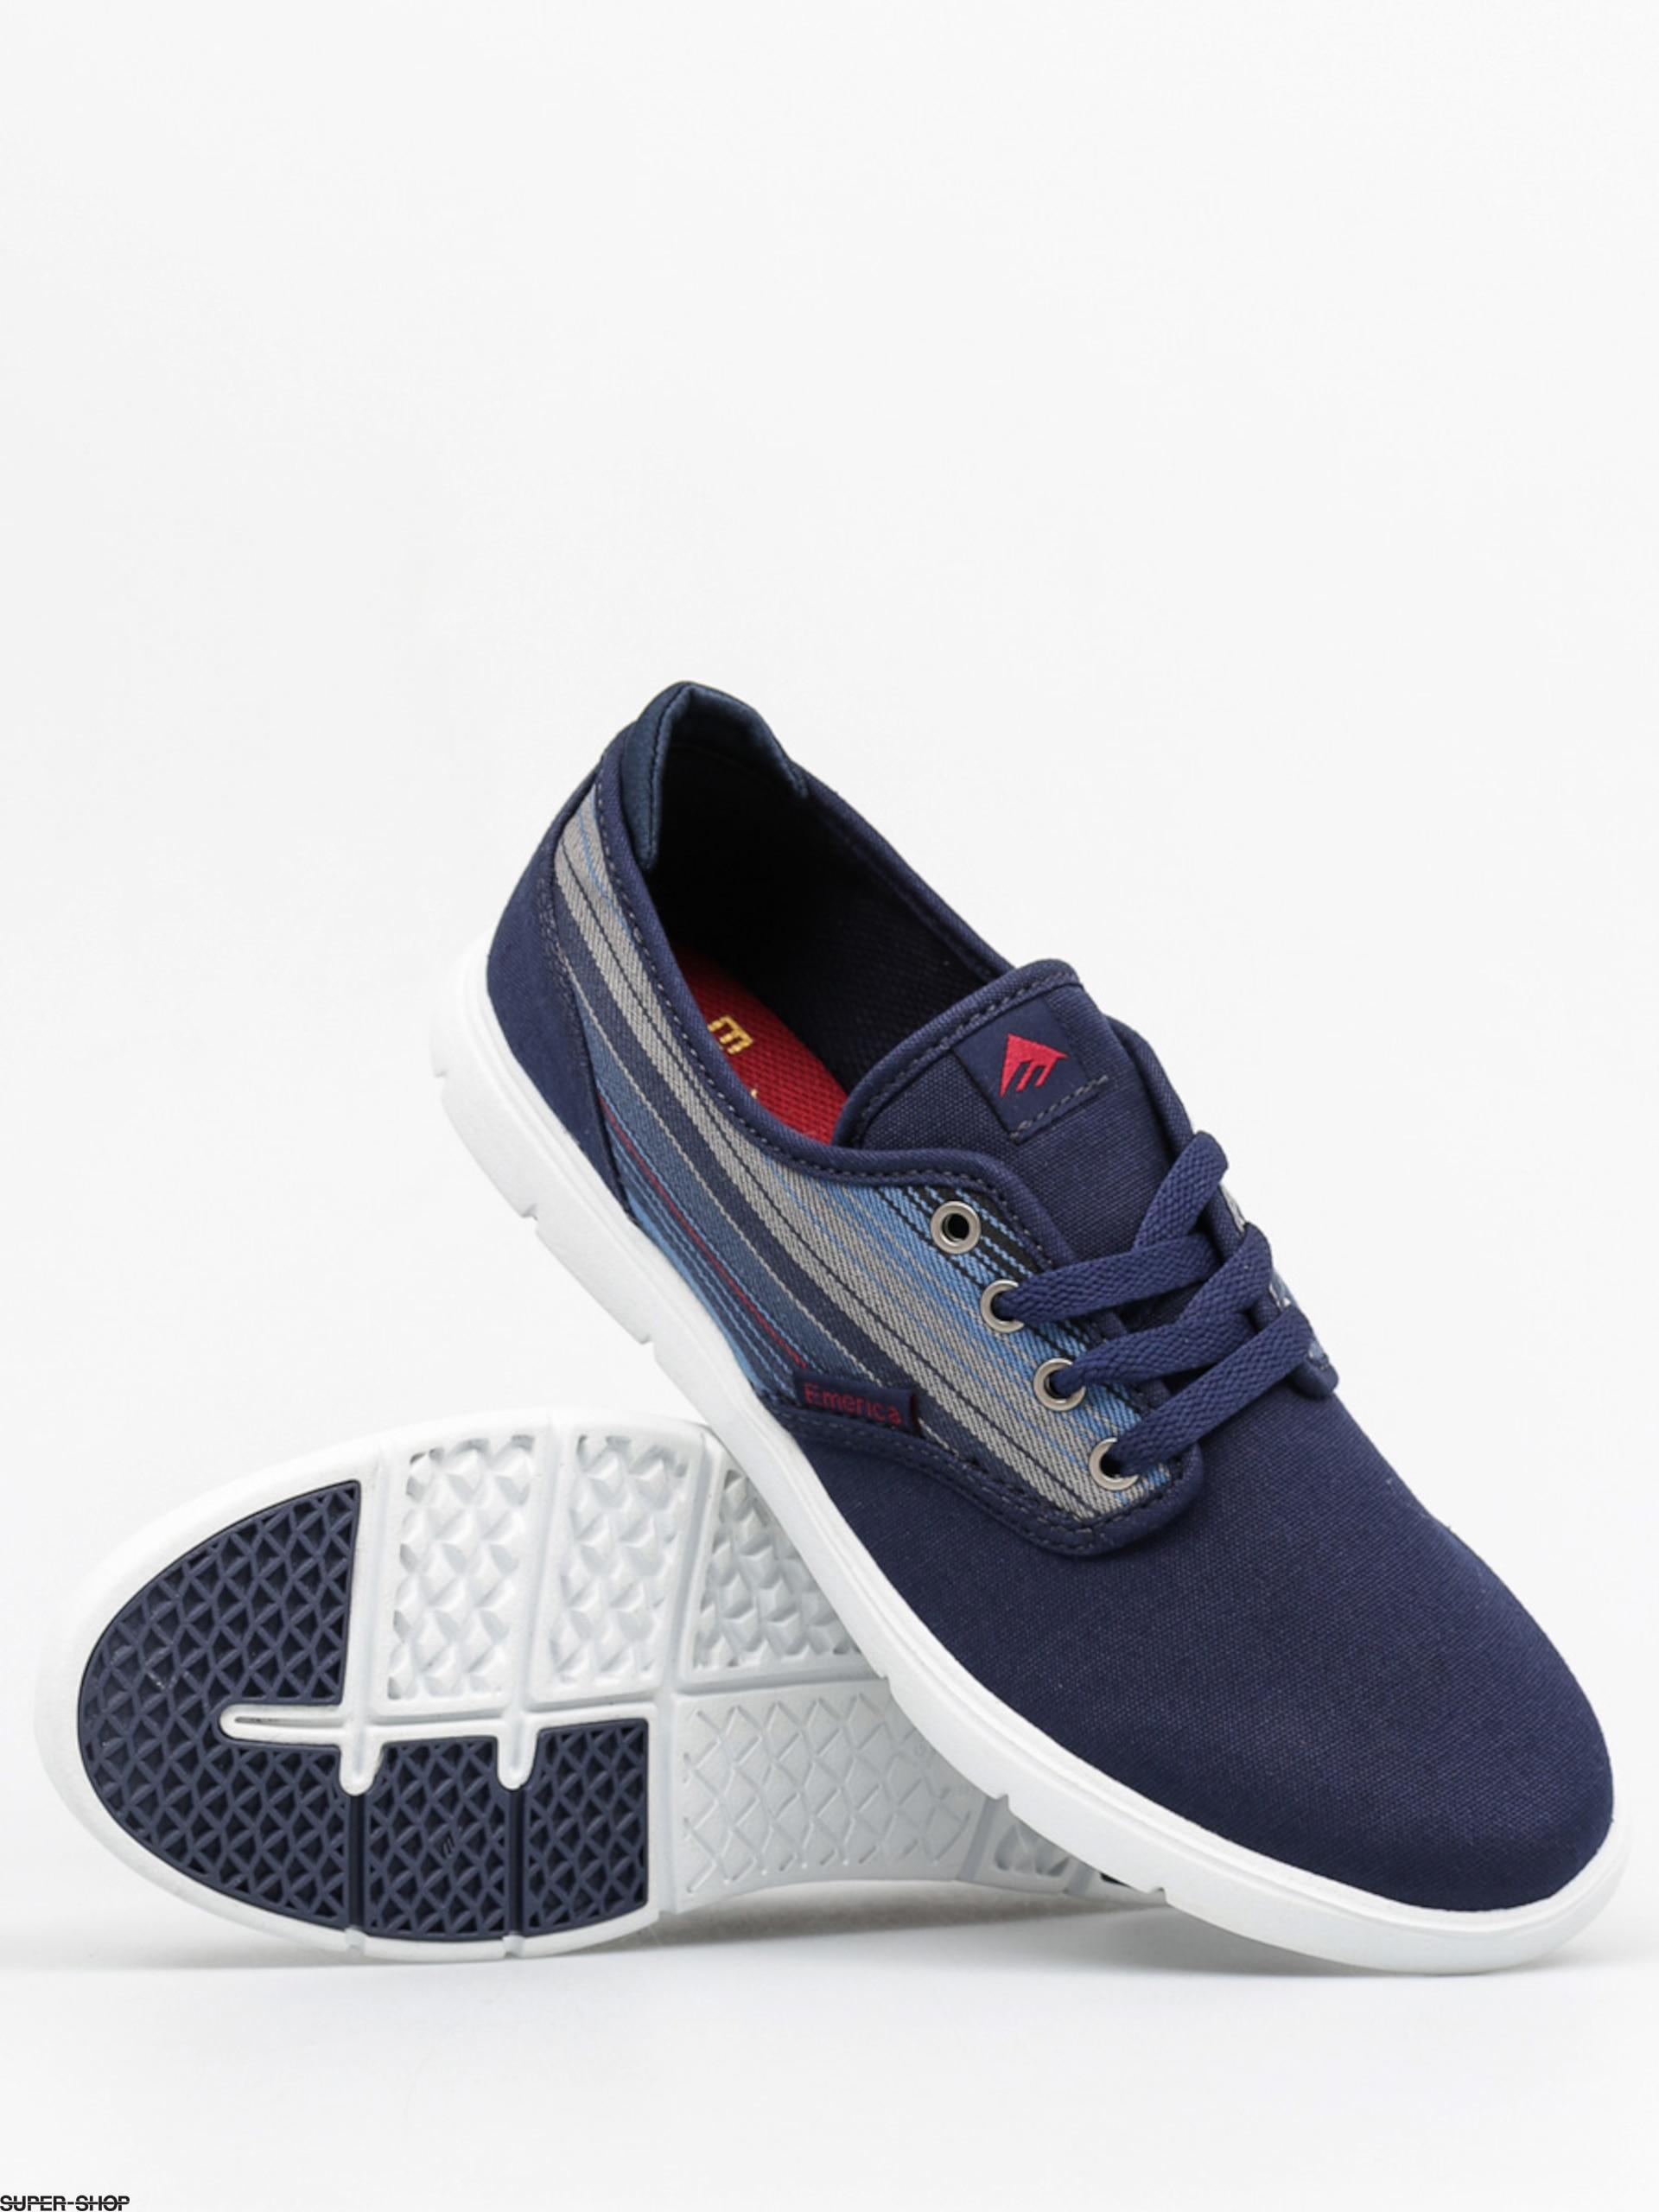 Emerica LT scarpe Wino Cruiser LT Emerica (assorted) e81ac1